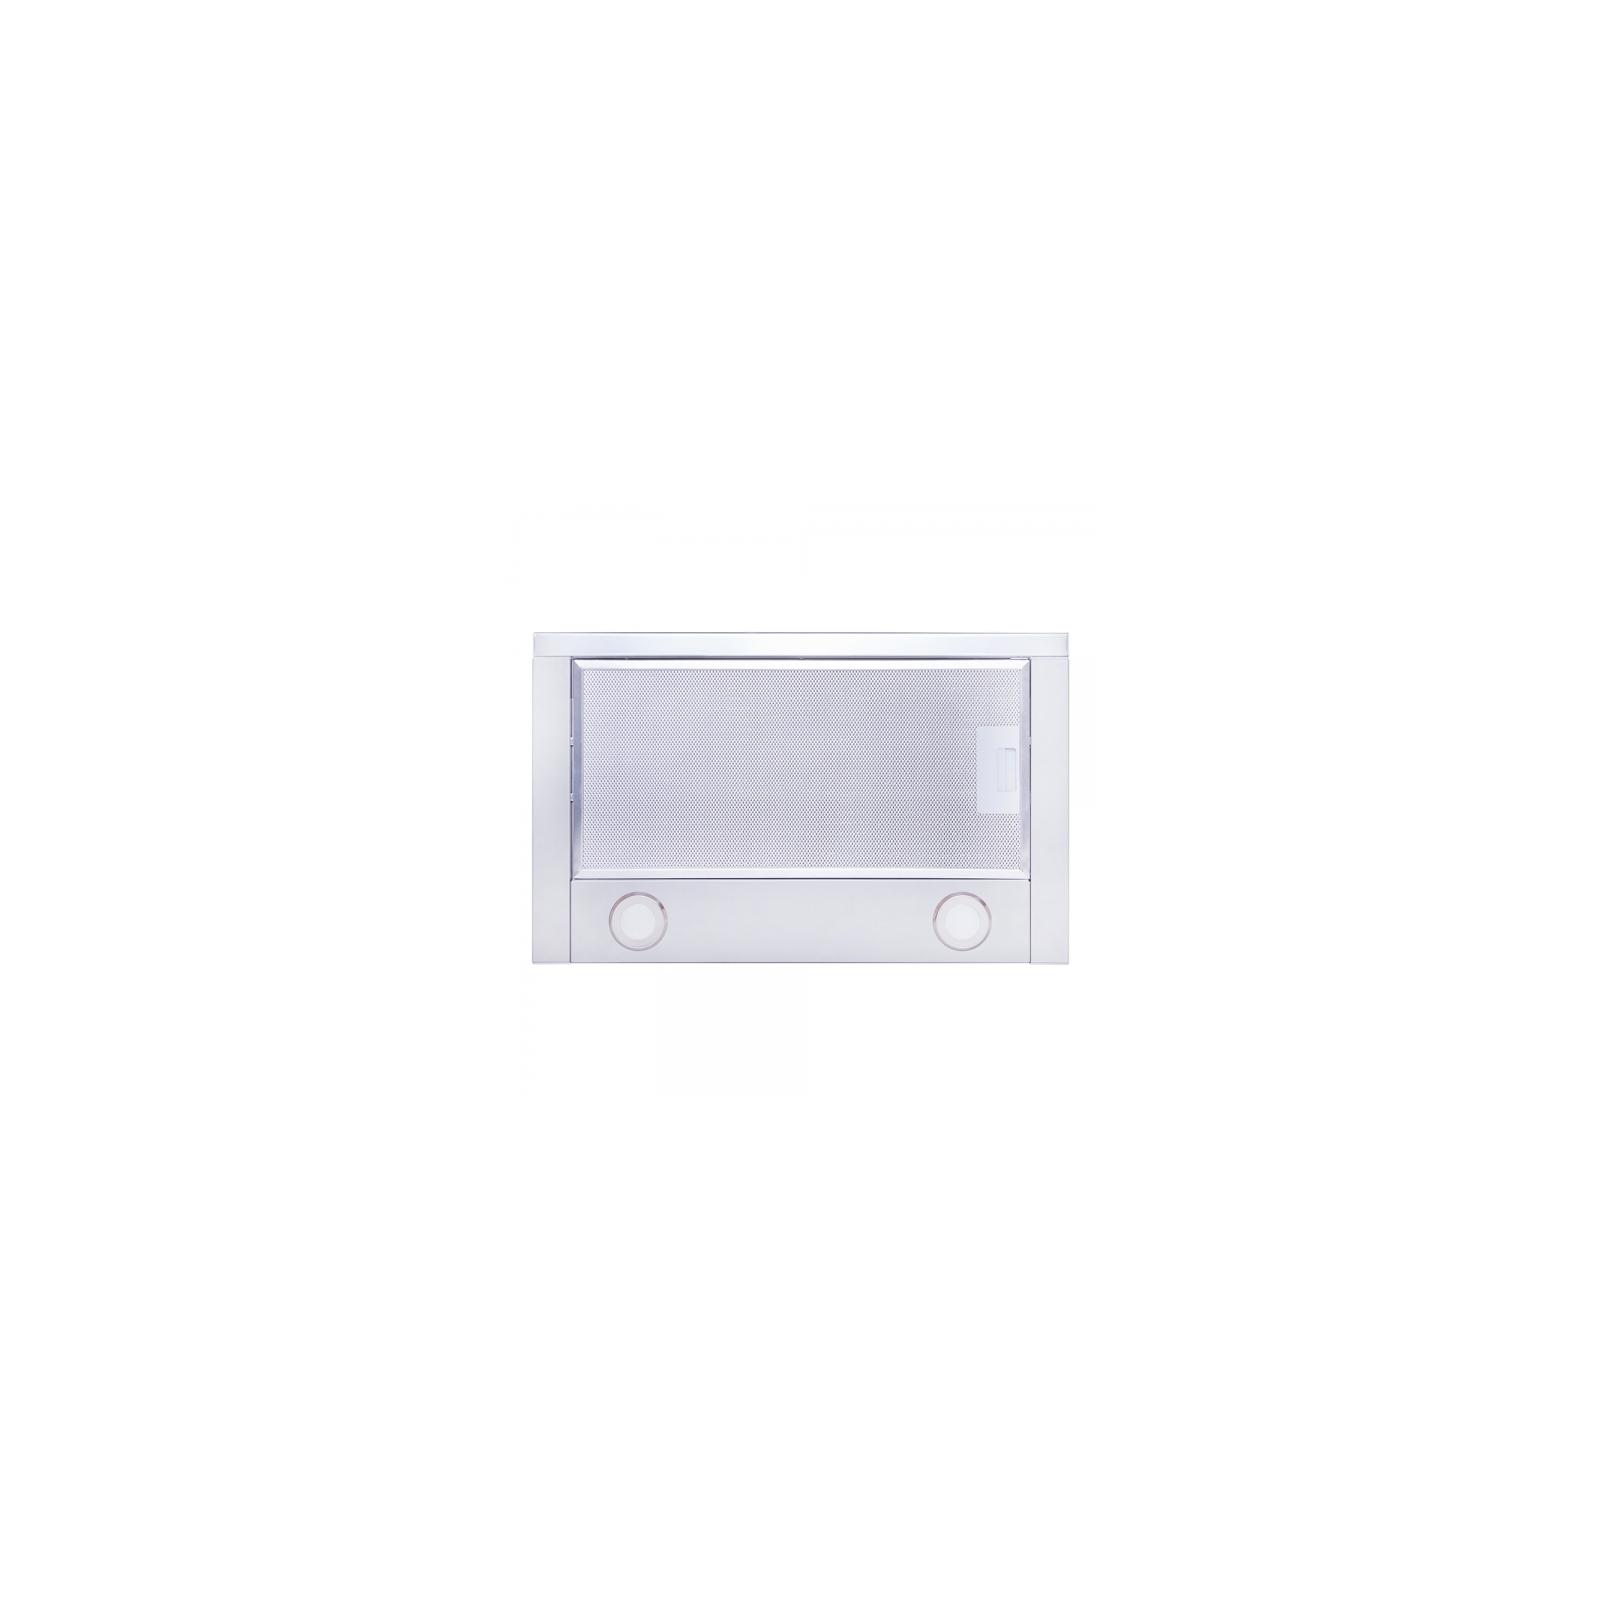 Вытяжка кухонная Perfelli TL 5212 C S/I 650 LED изображение 3